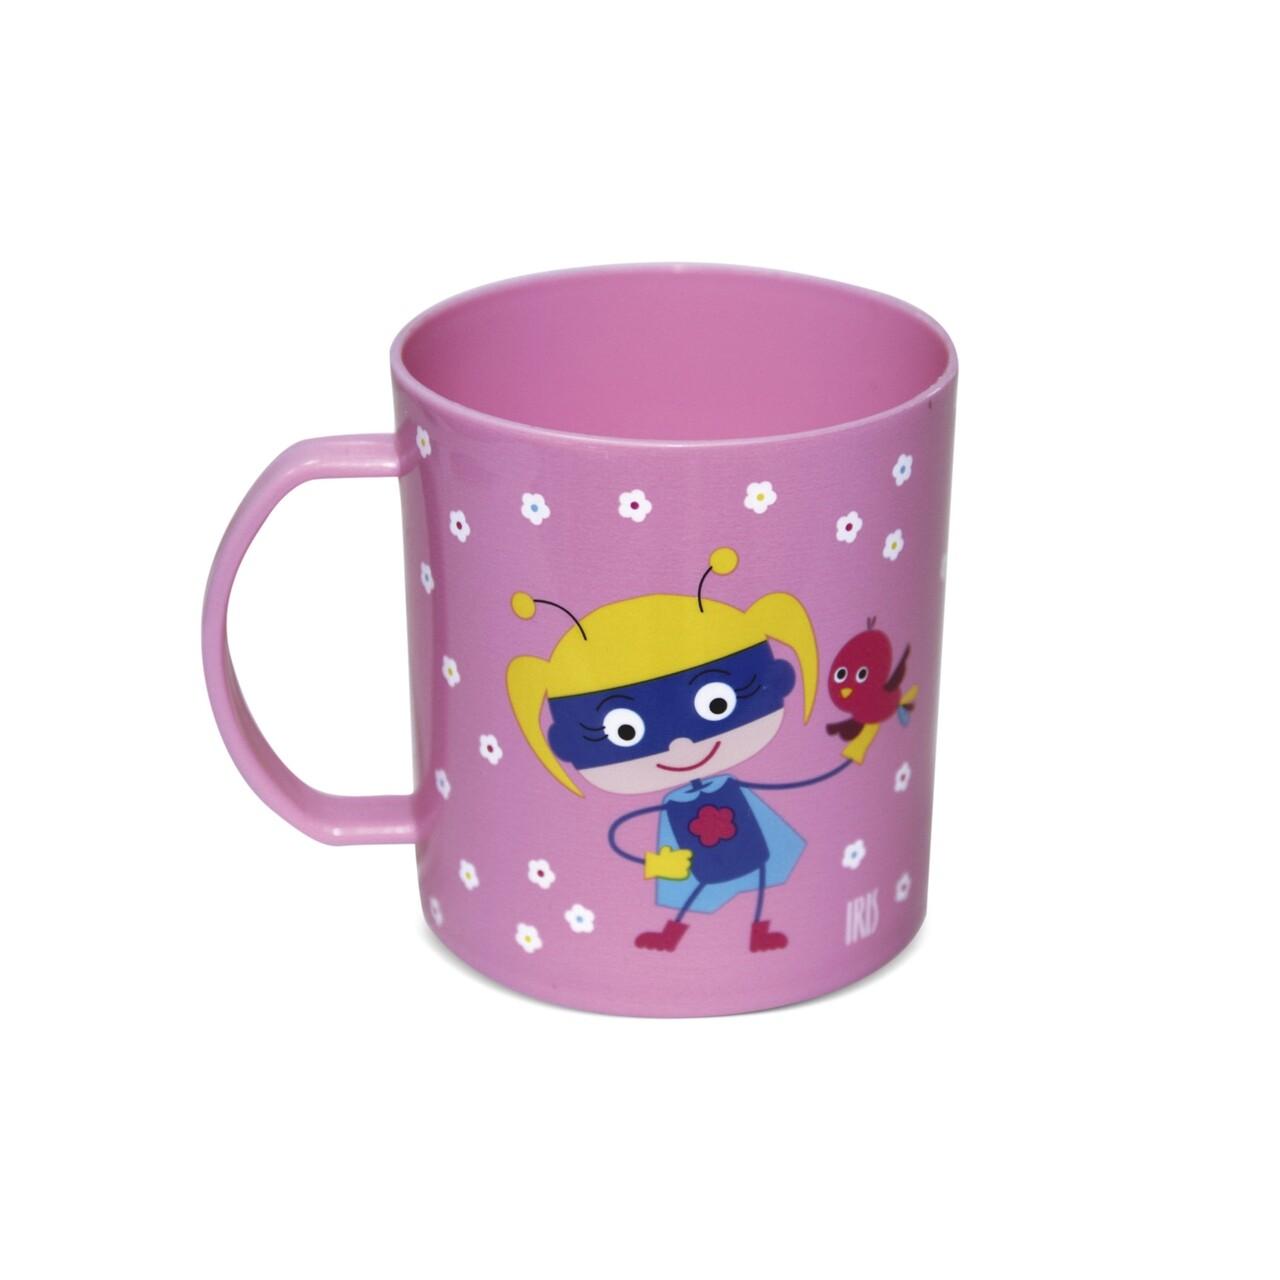 Cana pentru copii SnackRico, Iris Barcelona, Ø8x8.7 cm, 370 ml, polipropilena fara BPA, roz